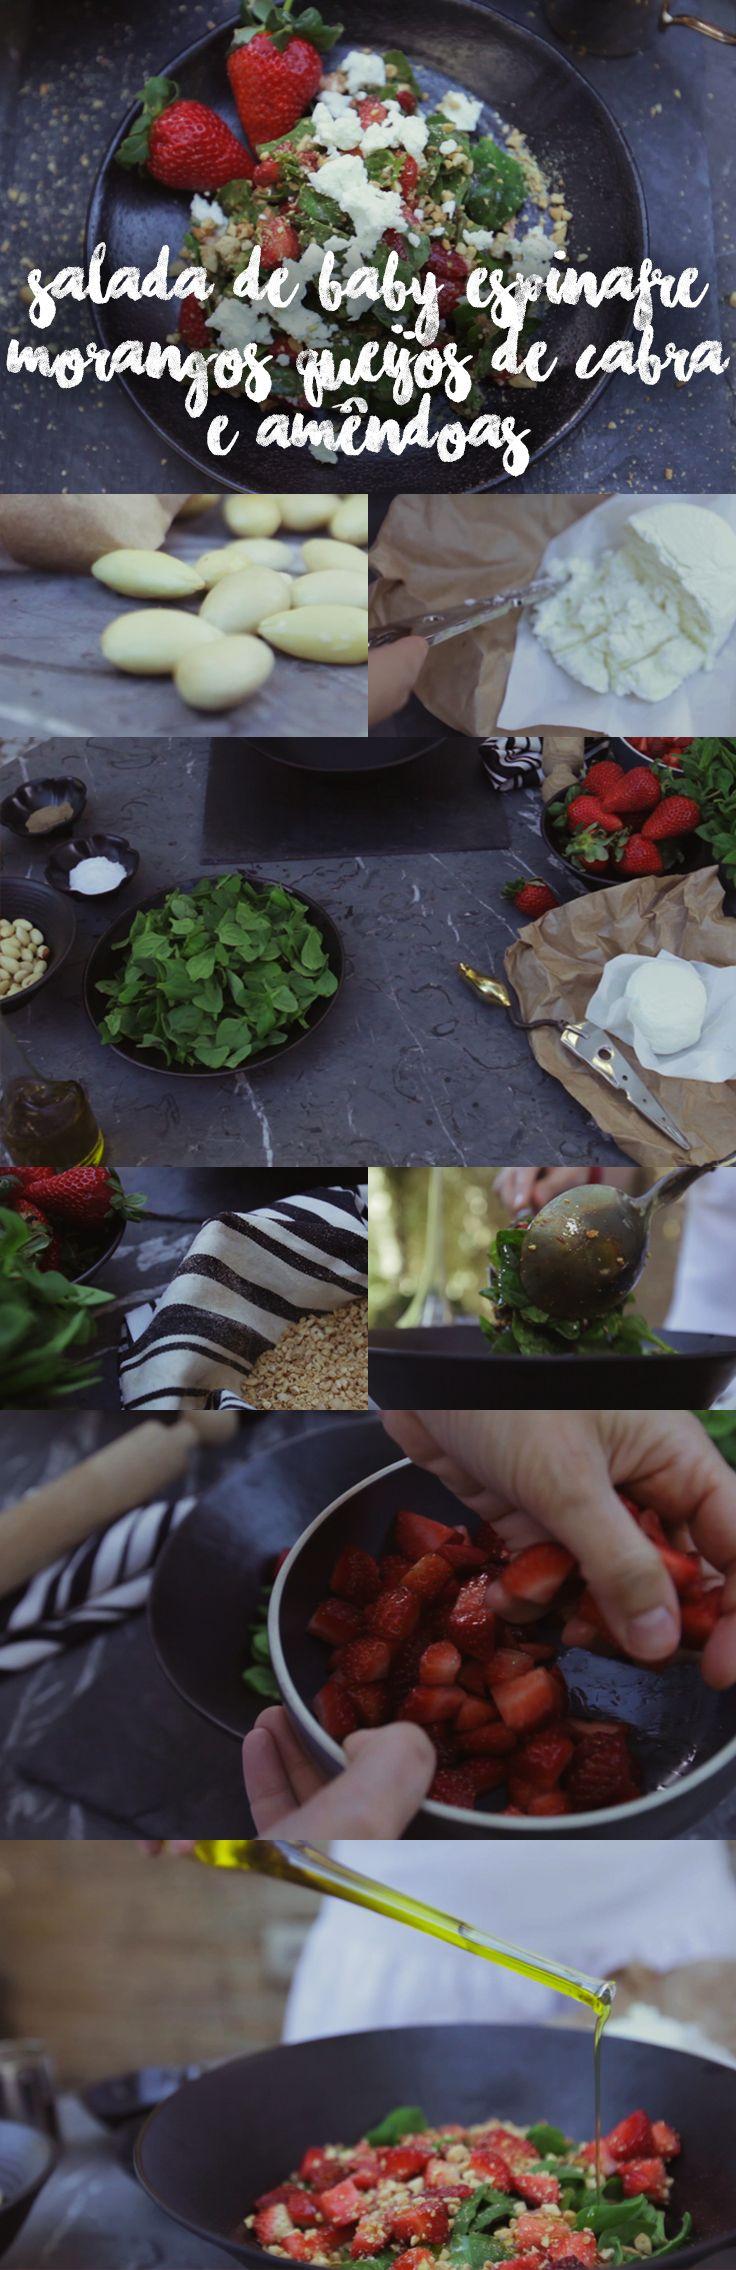 Essa salada é uma excelente opção de entrada em dias quentes. A mistura dos sabores é surpreendente e as crianças adoram. Veja mais receitas em www.myyellowpages.com.br